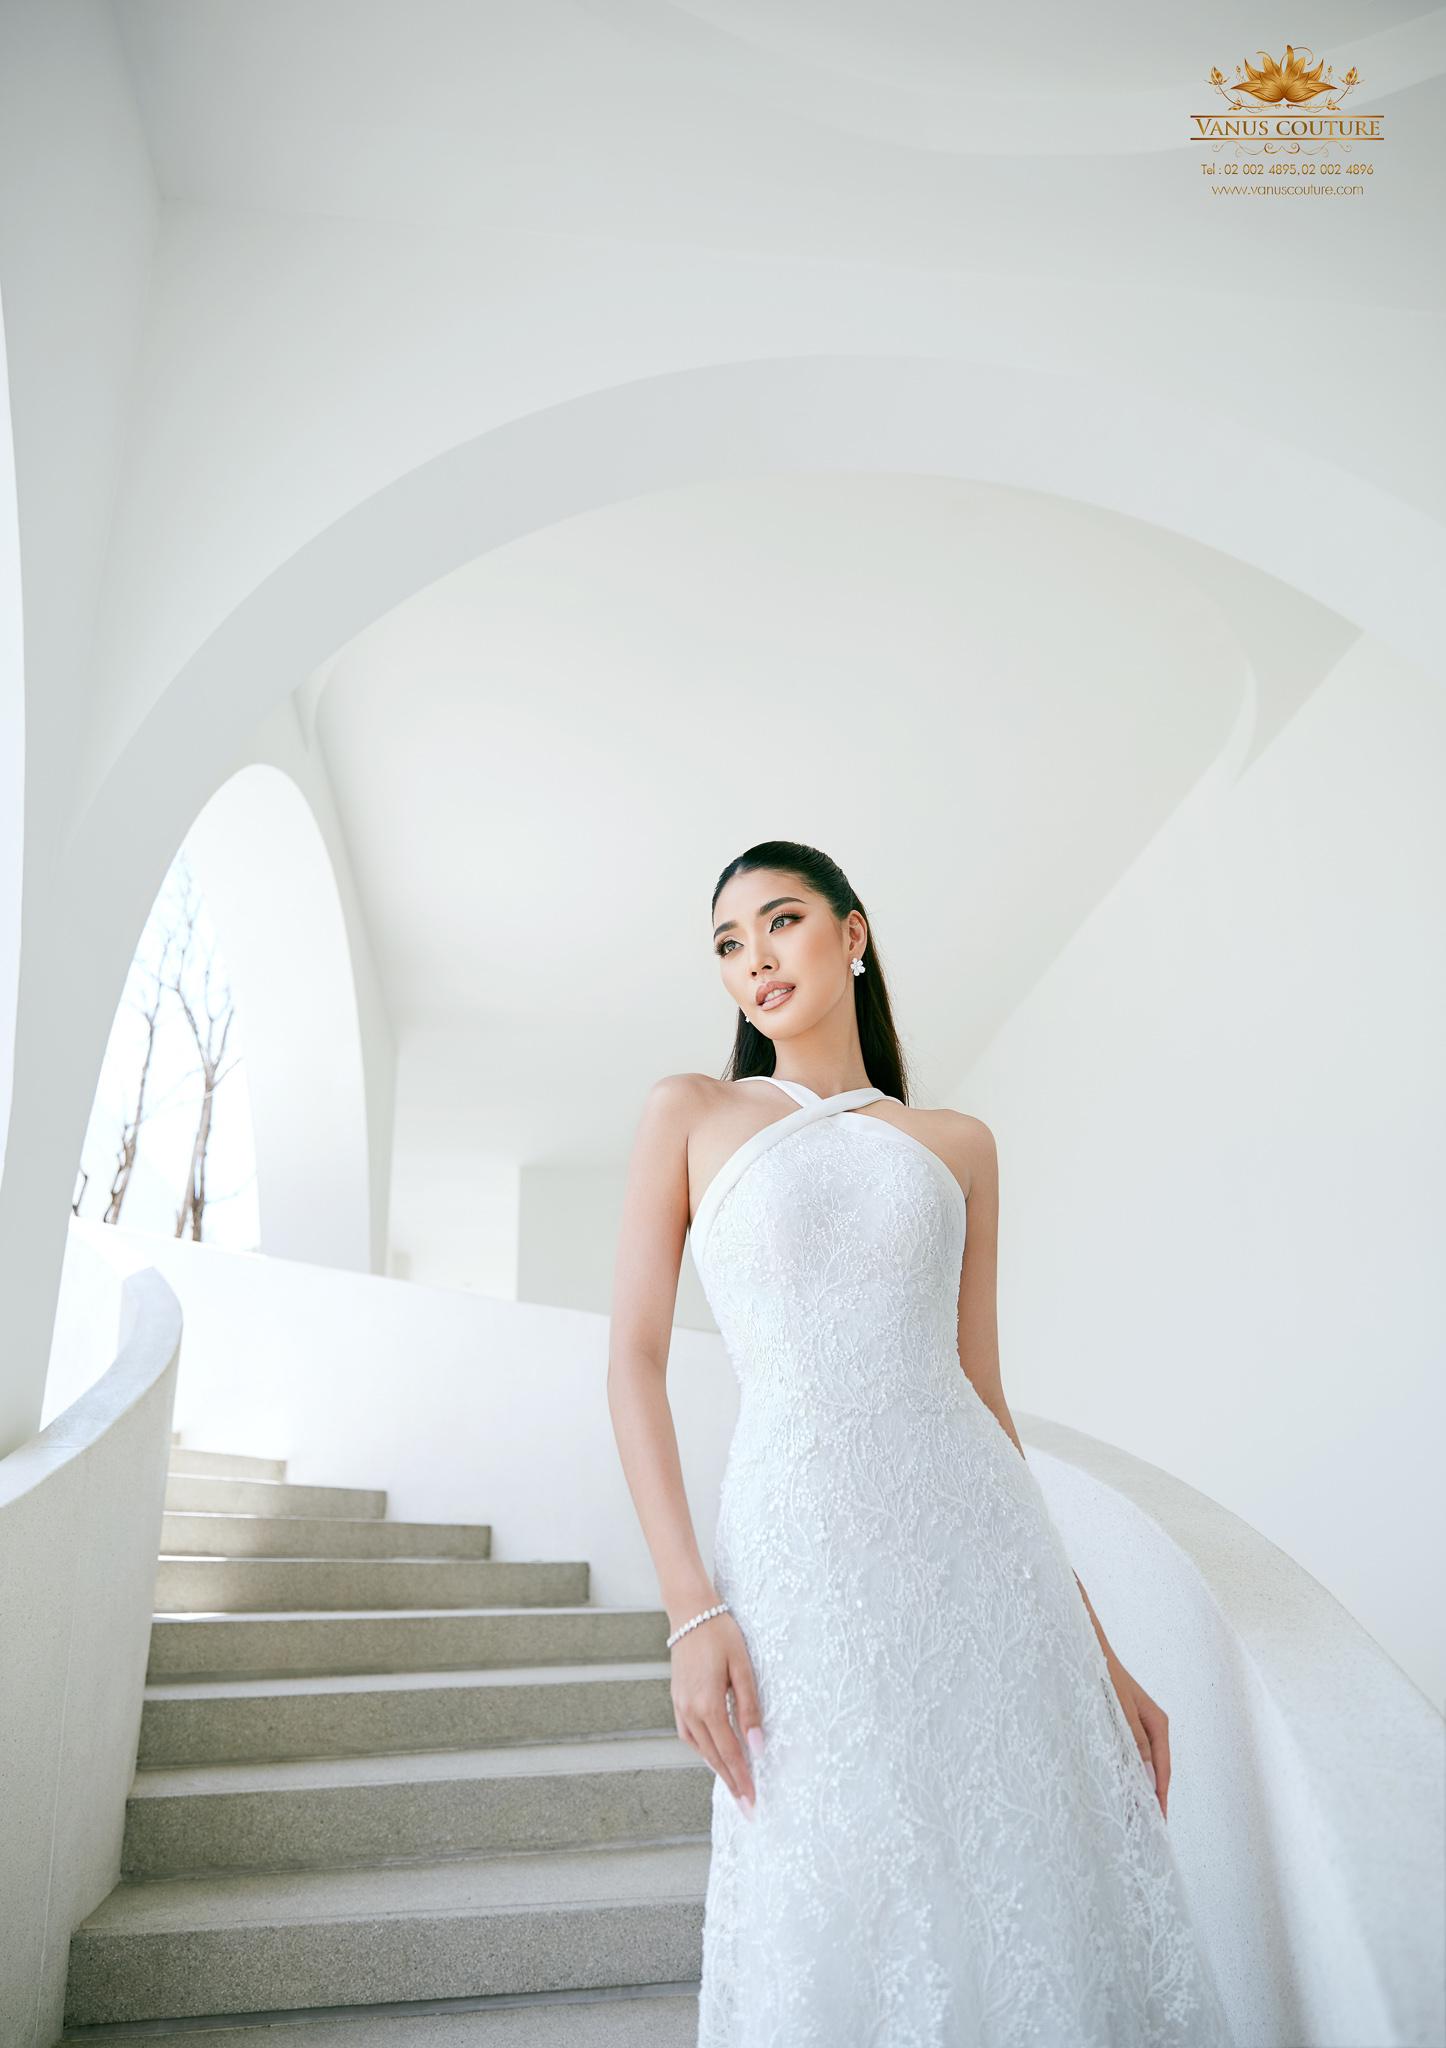 Minimal Wedding Dress - Zorzo 02